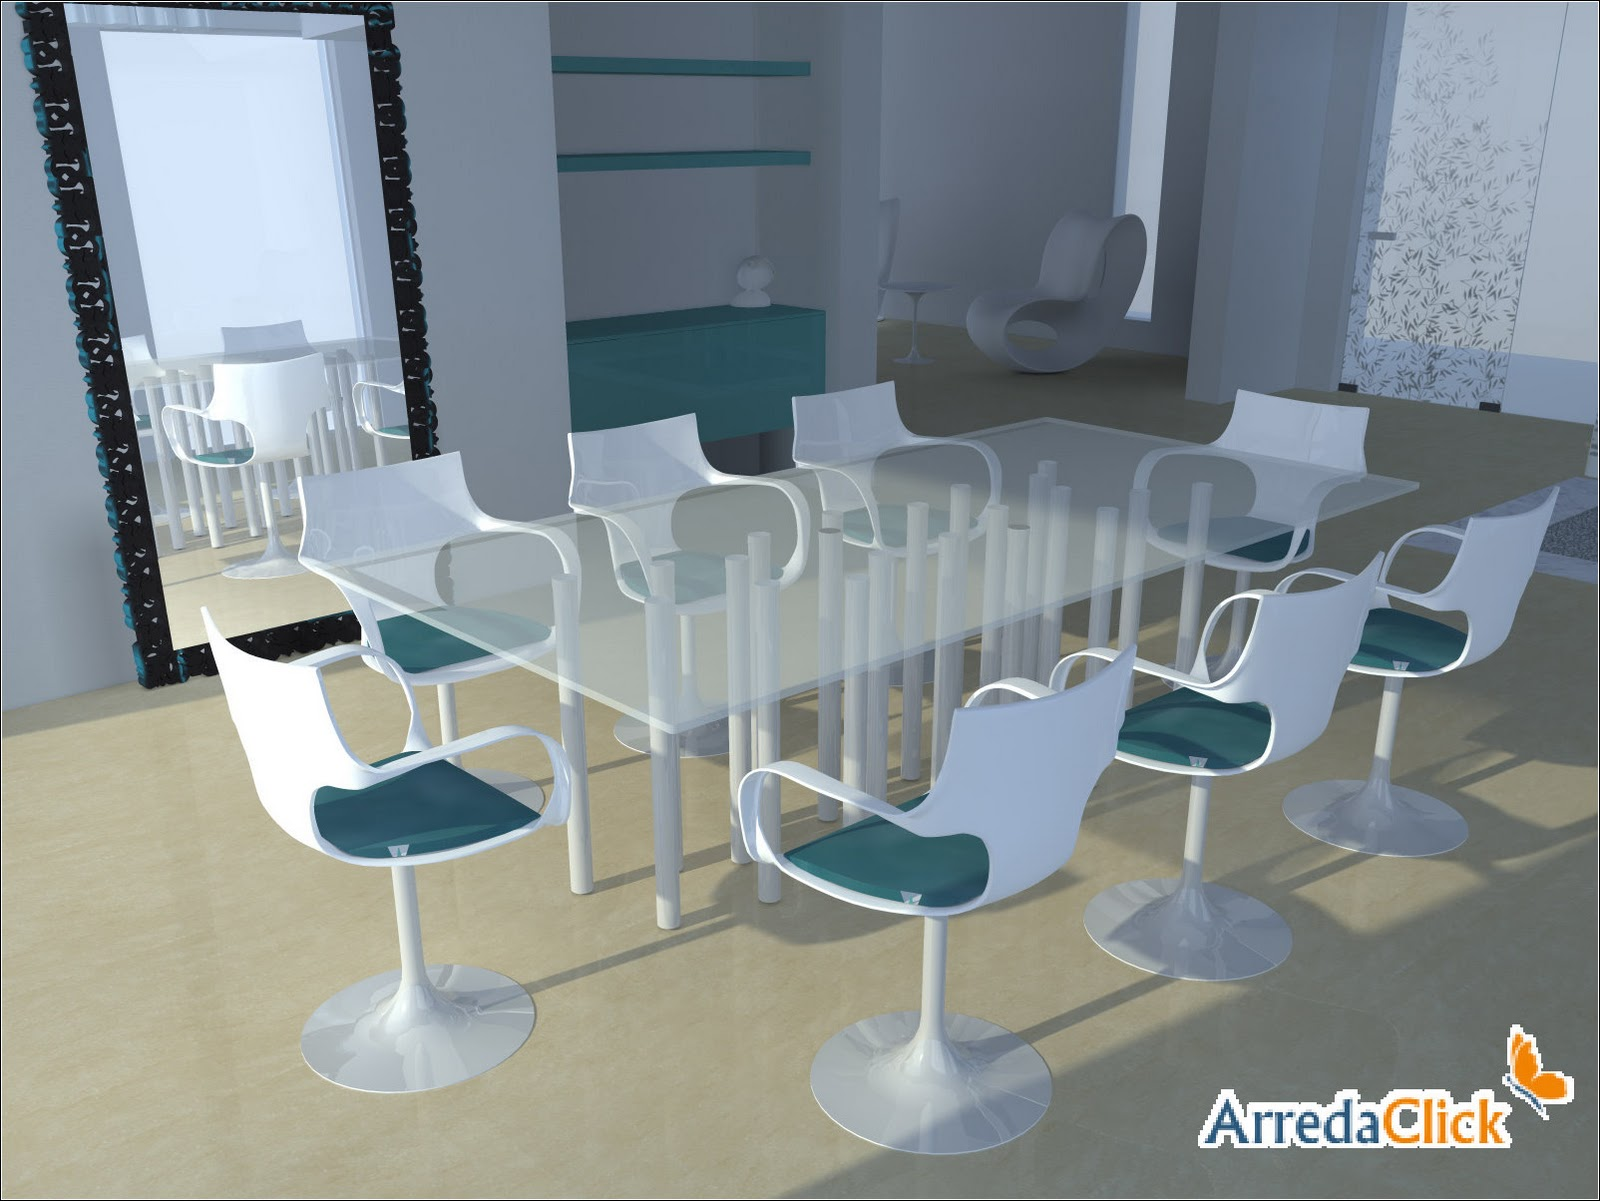 Arredaclick muebles italianos online enero 2012 for Muebles italianos online